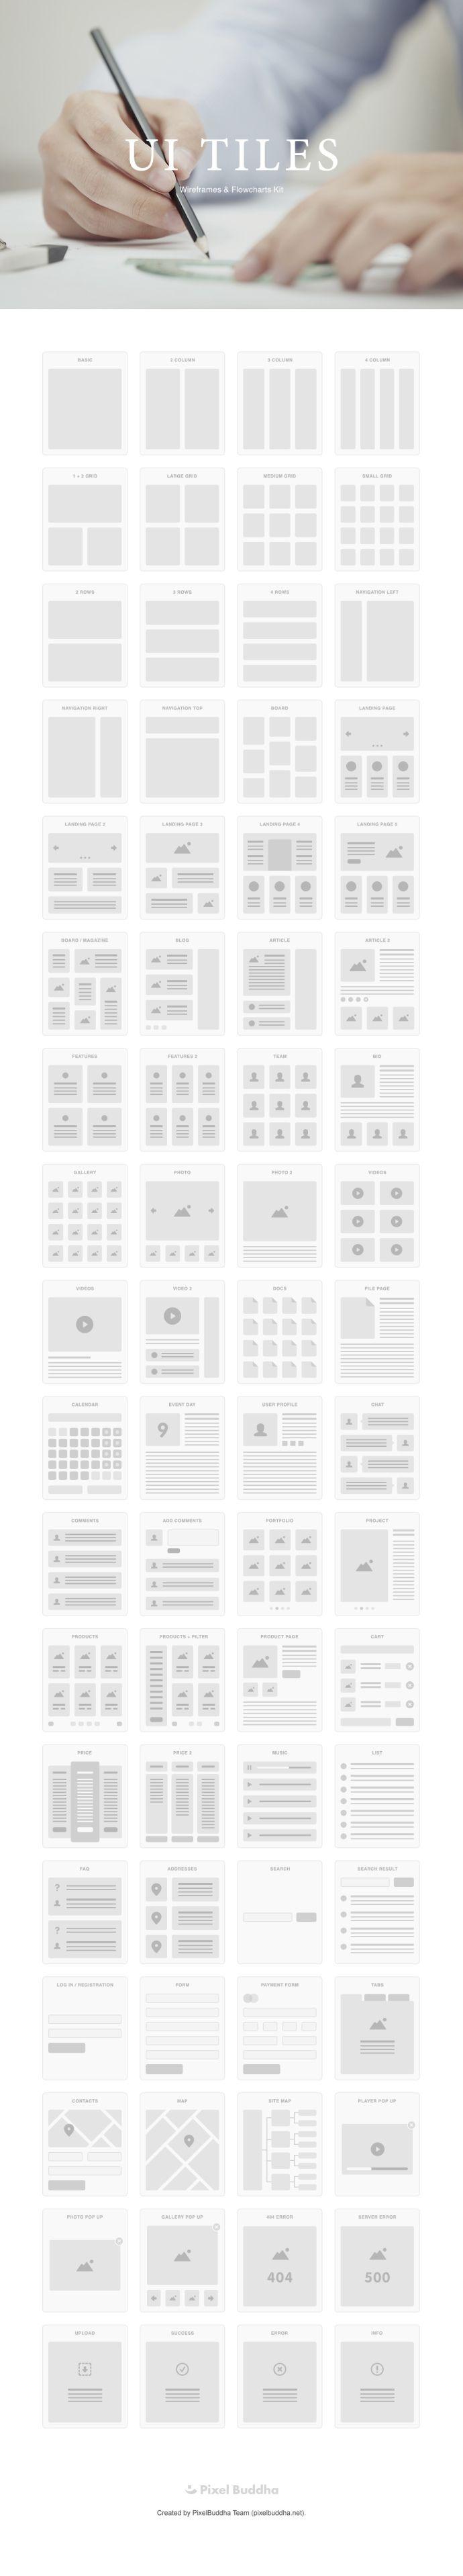 Elenco di layout grafici per il web semplici e in linea con lo stile attuale. Ottimo per future ispirazioni!